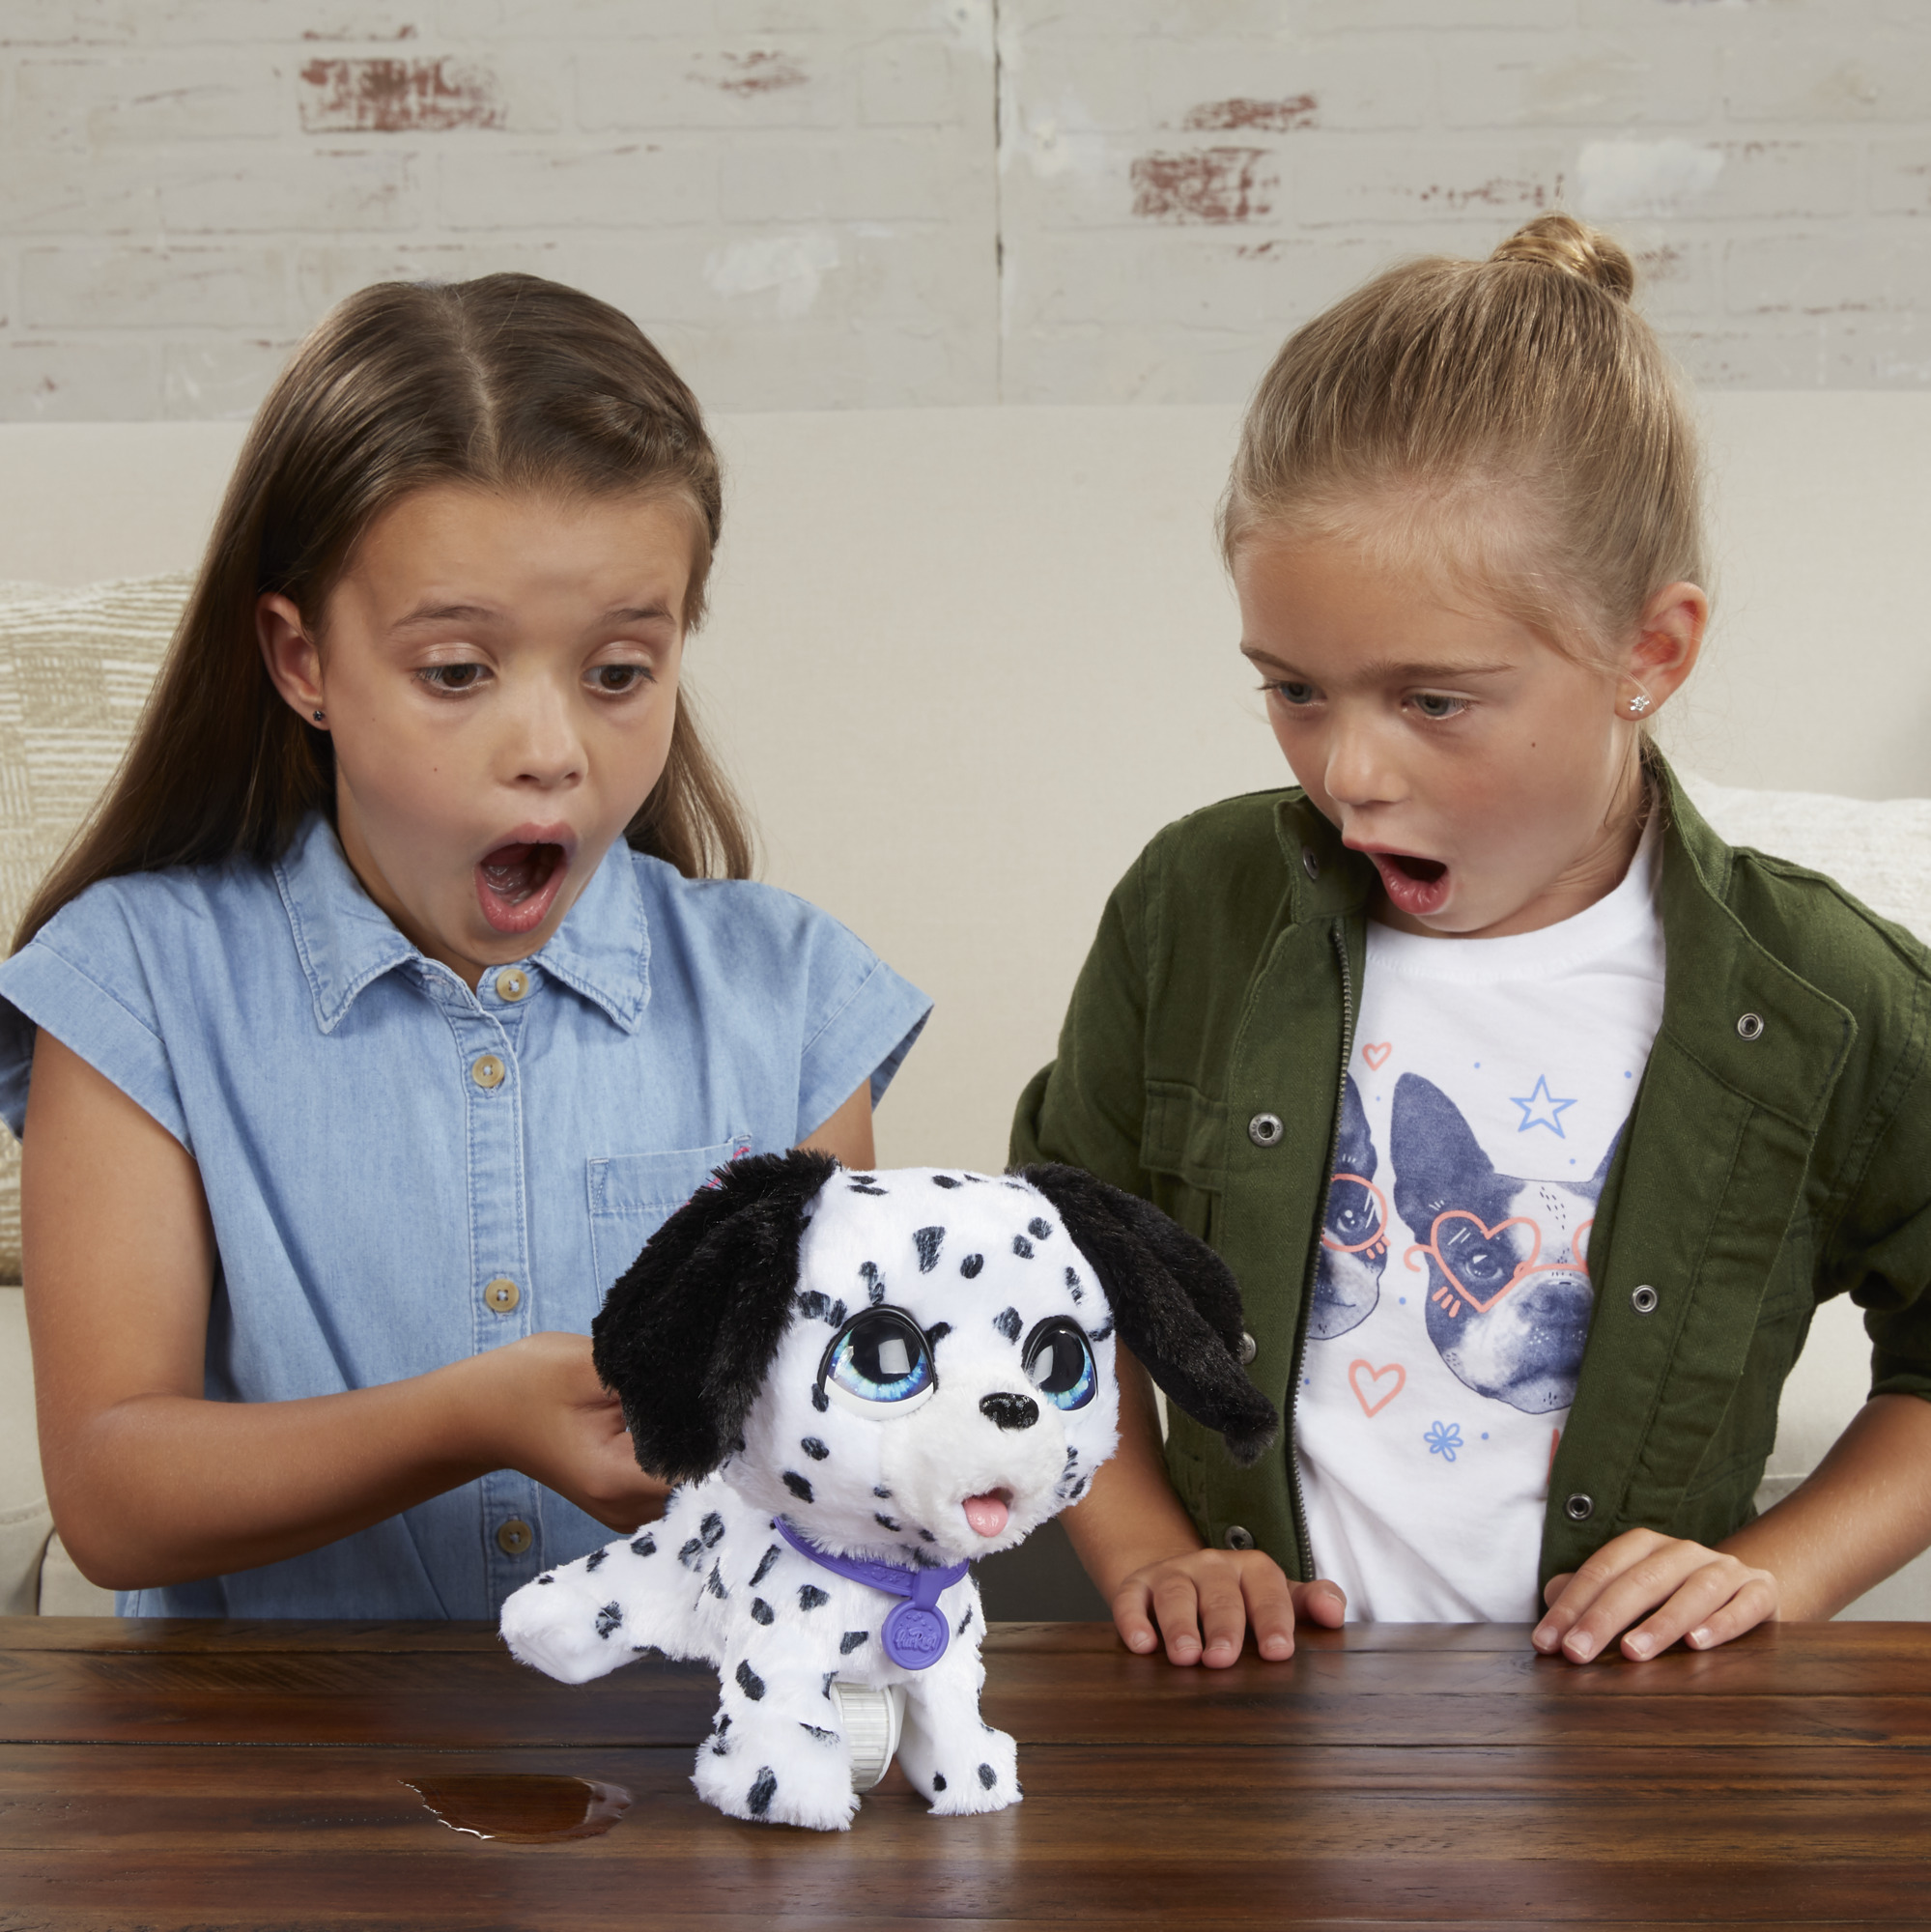 Furreal peealots cuccioli assortiti -